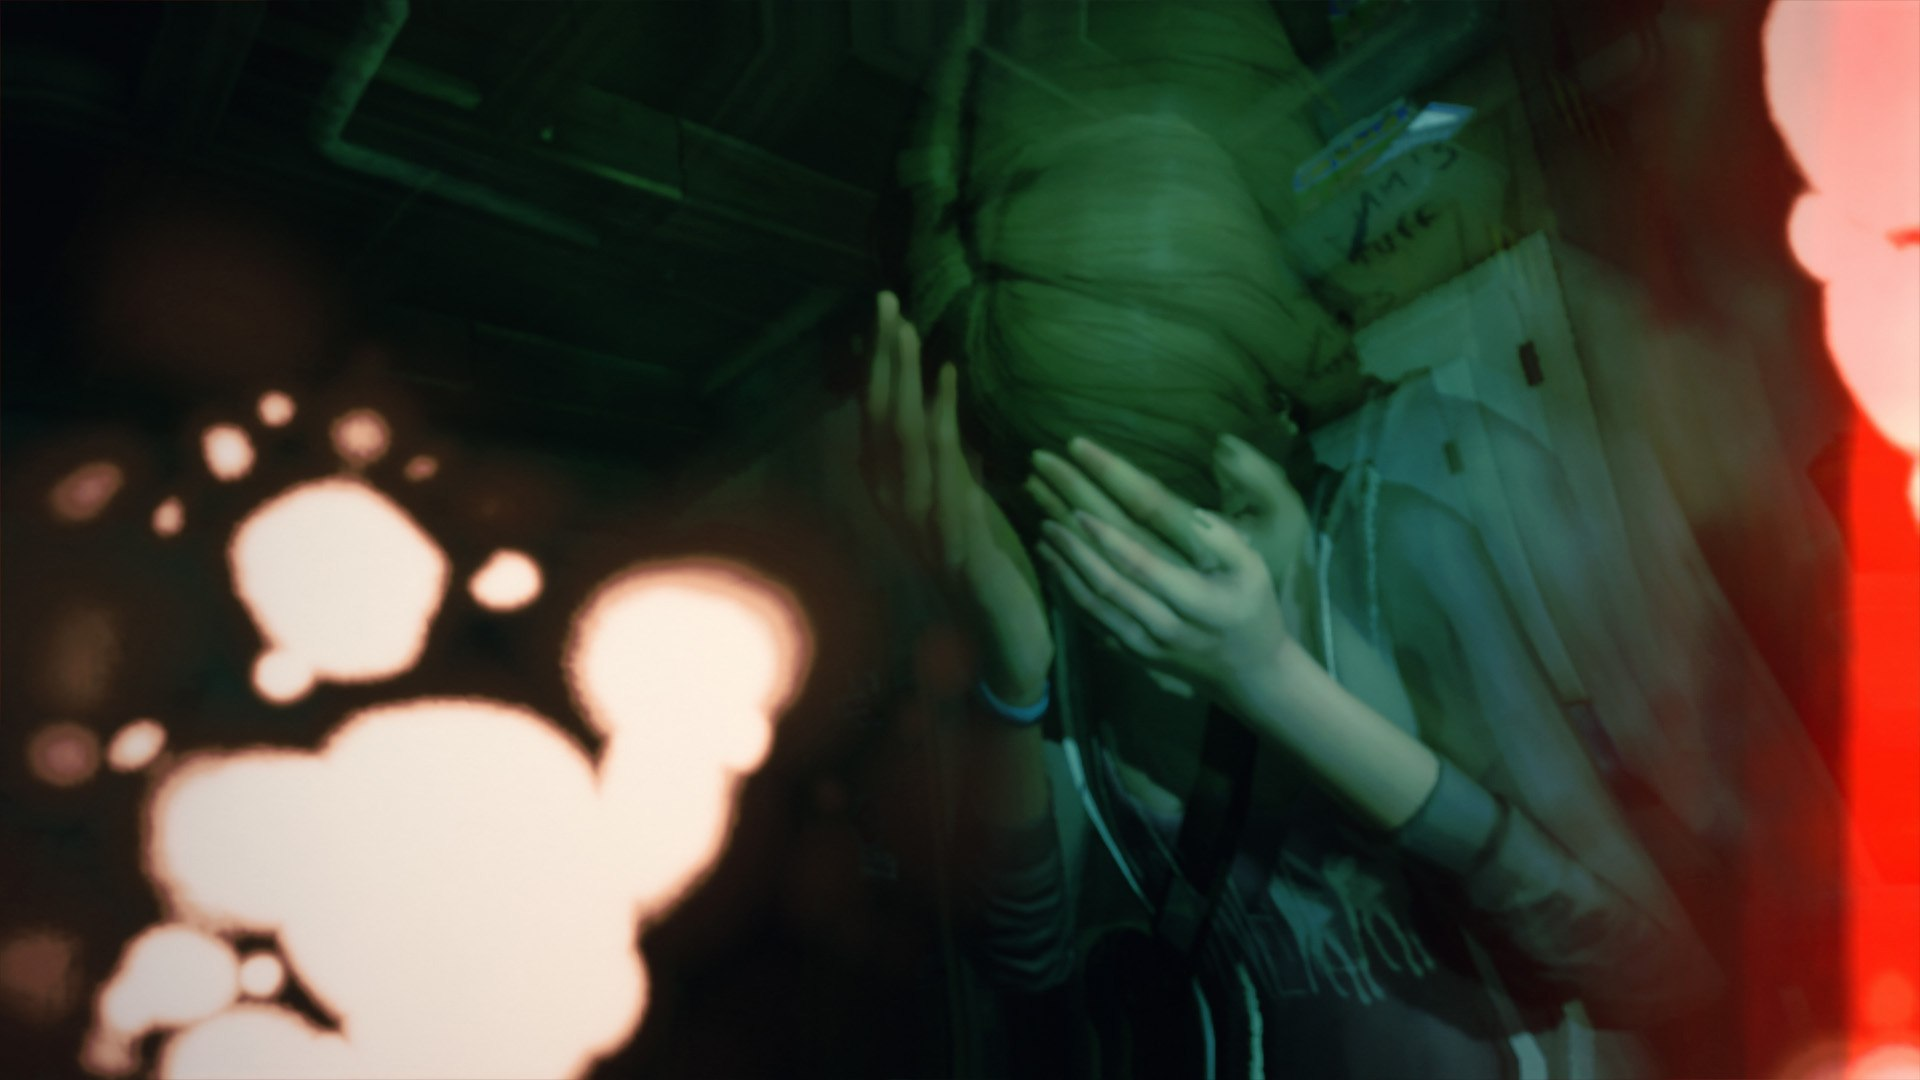 Макс Колфилд на официальном скриншоте игры Life is Strange (2015)